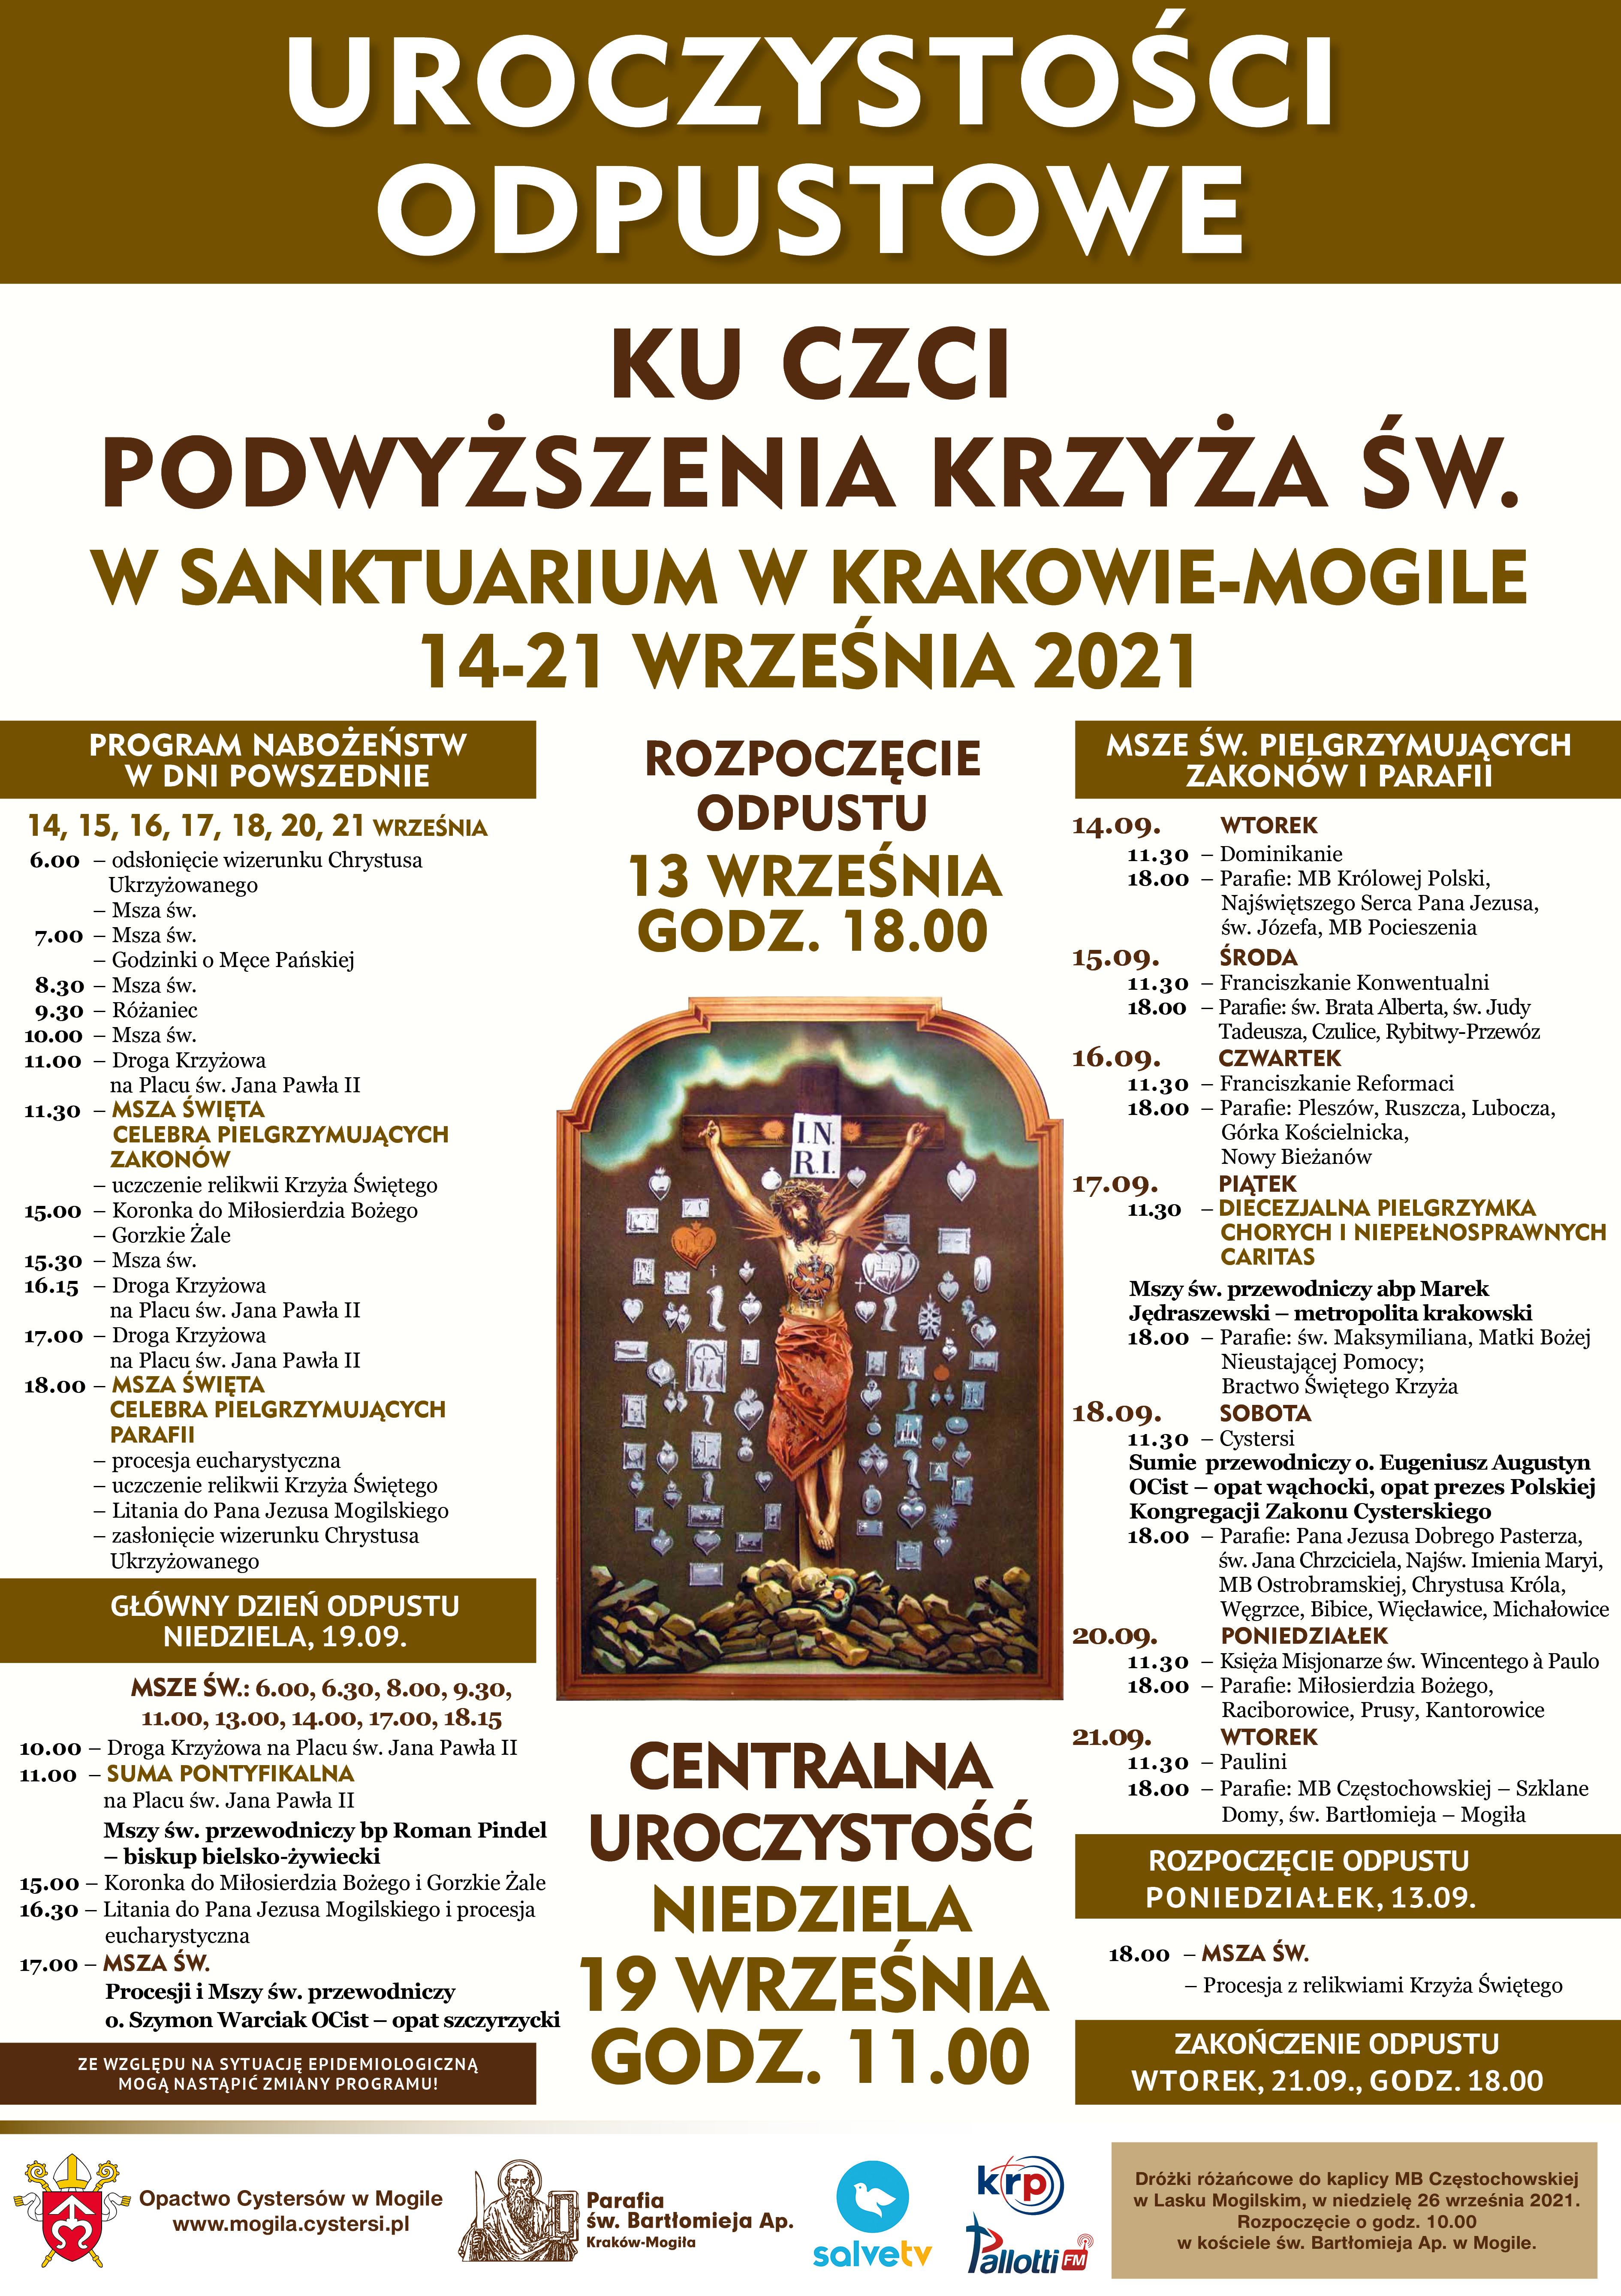 Diecezjalna Pielgrzymka Chorych do Sanktuarium Krzyża Świętego